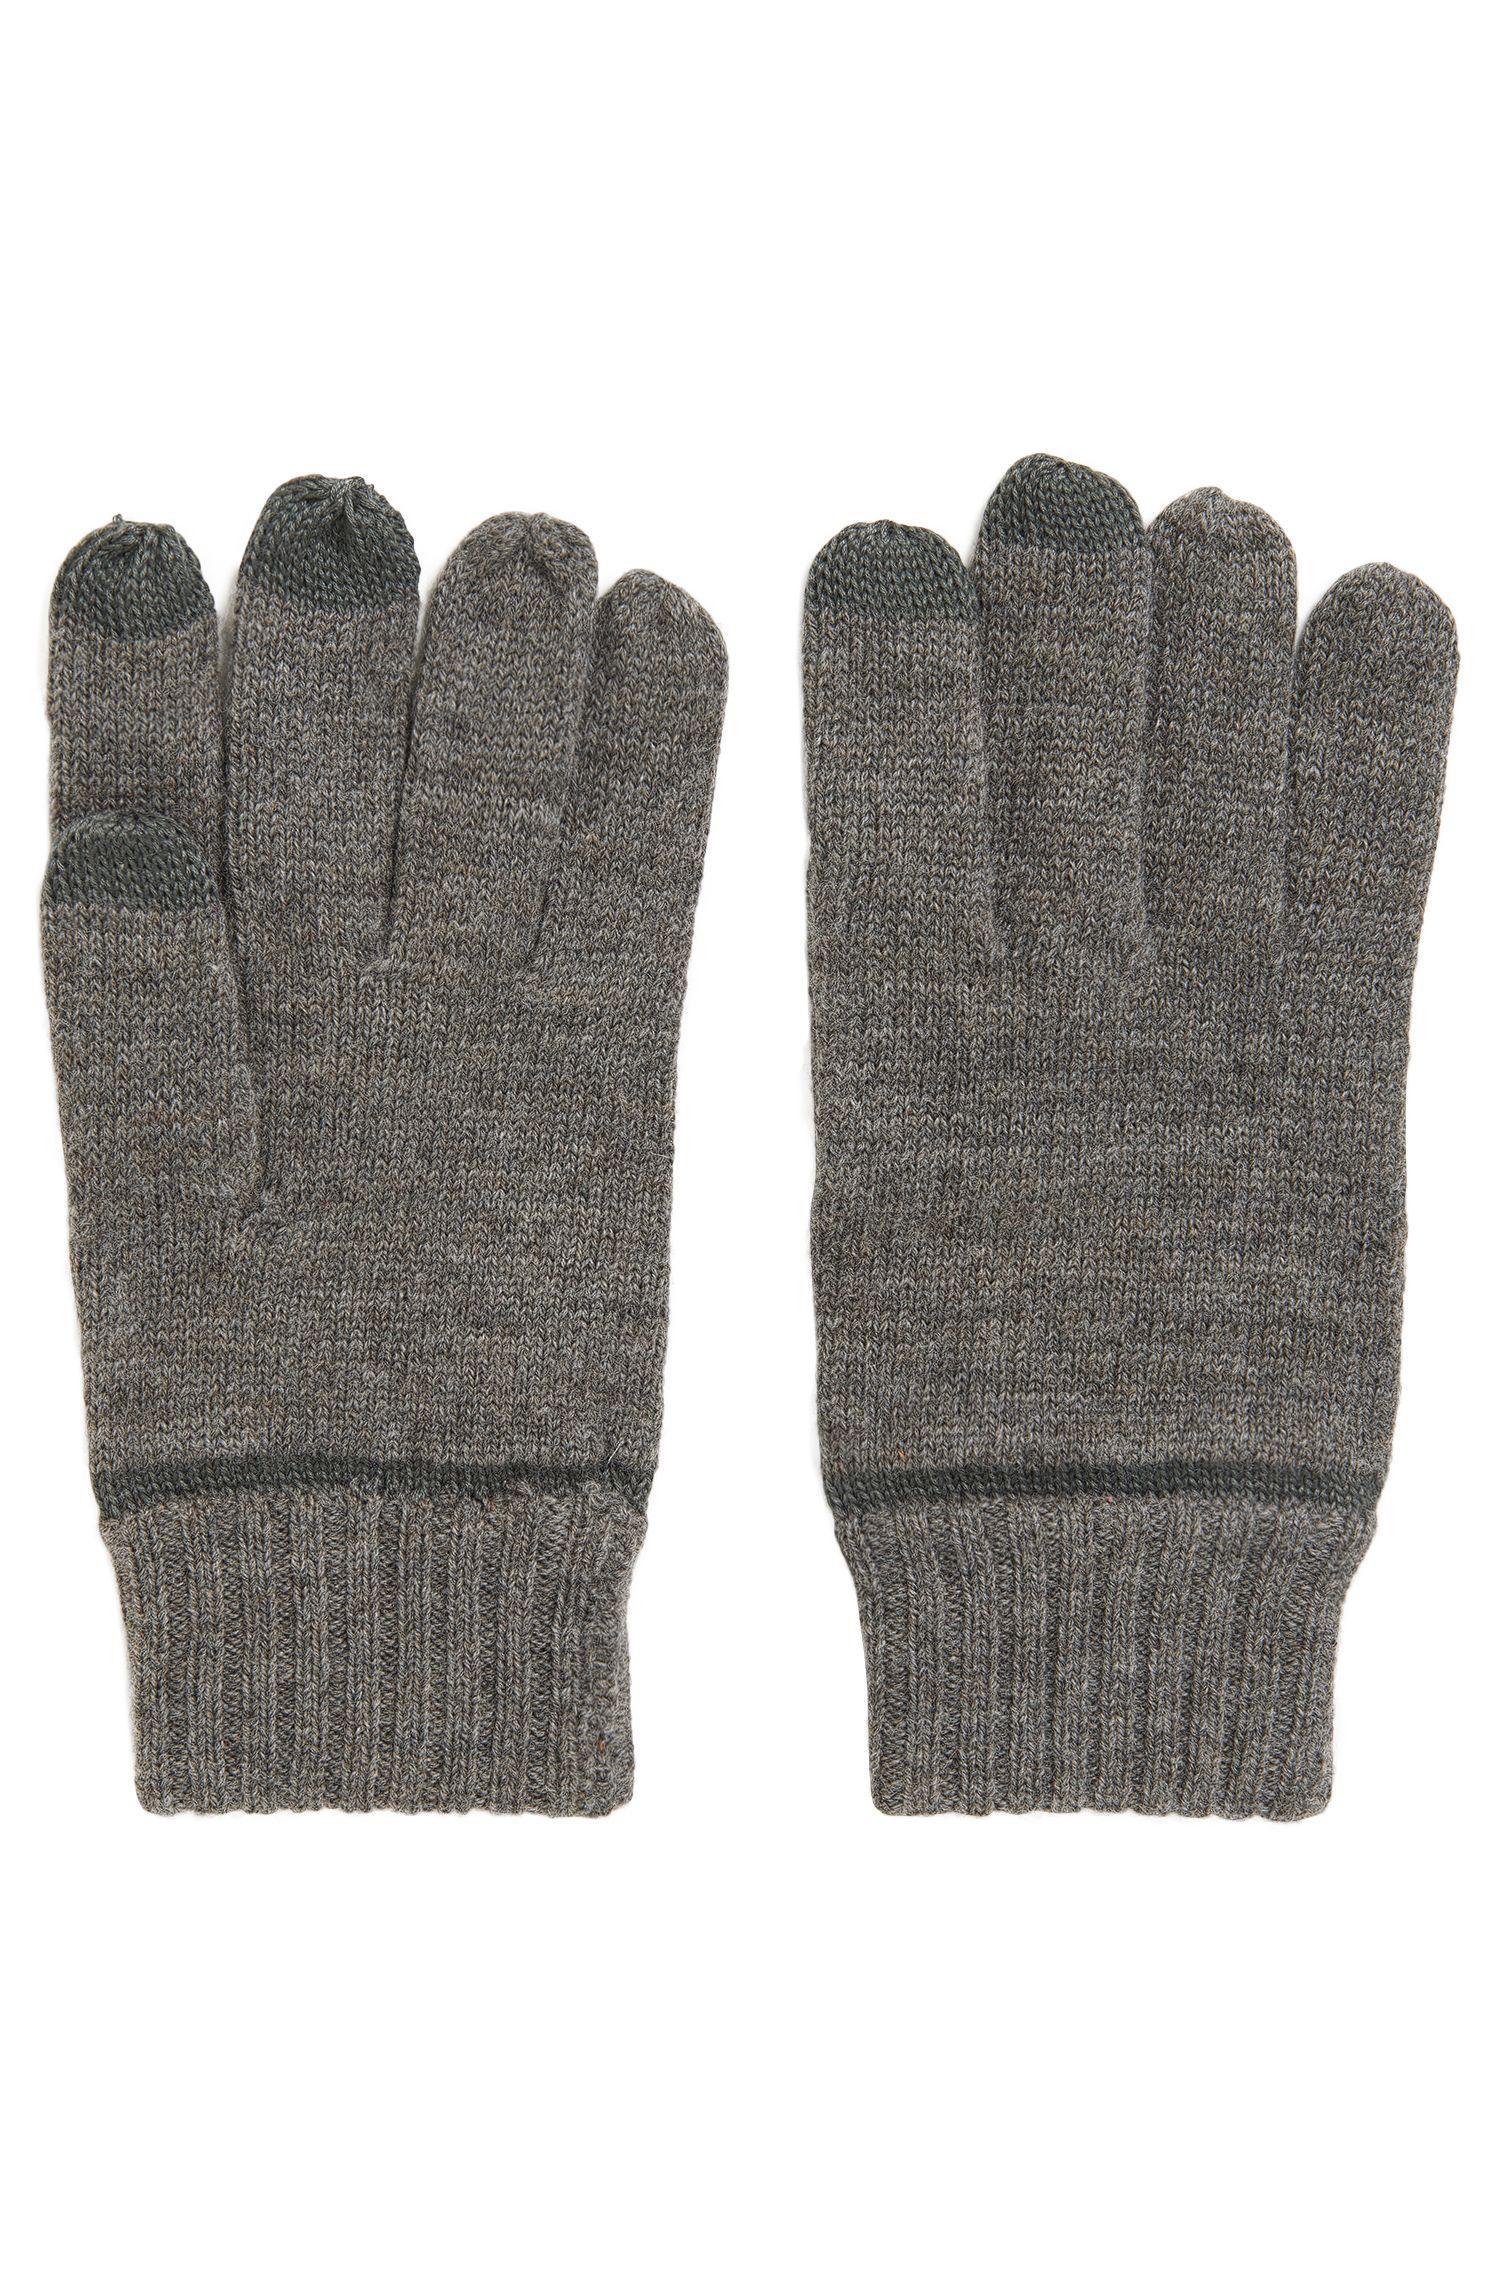 'Graas' | Virgin Wool Blend Tech Gloves